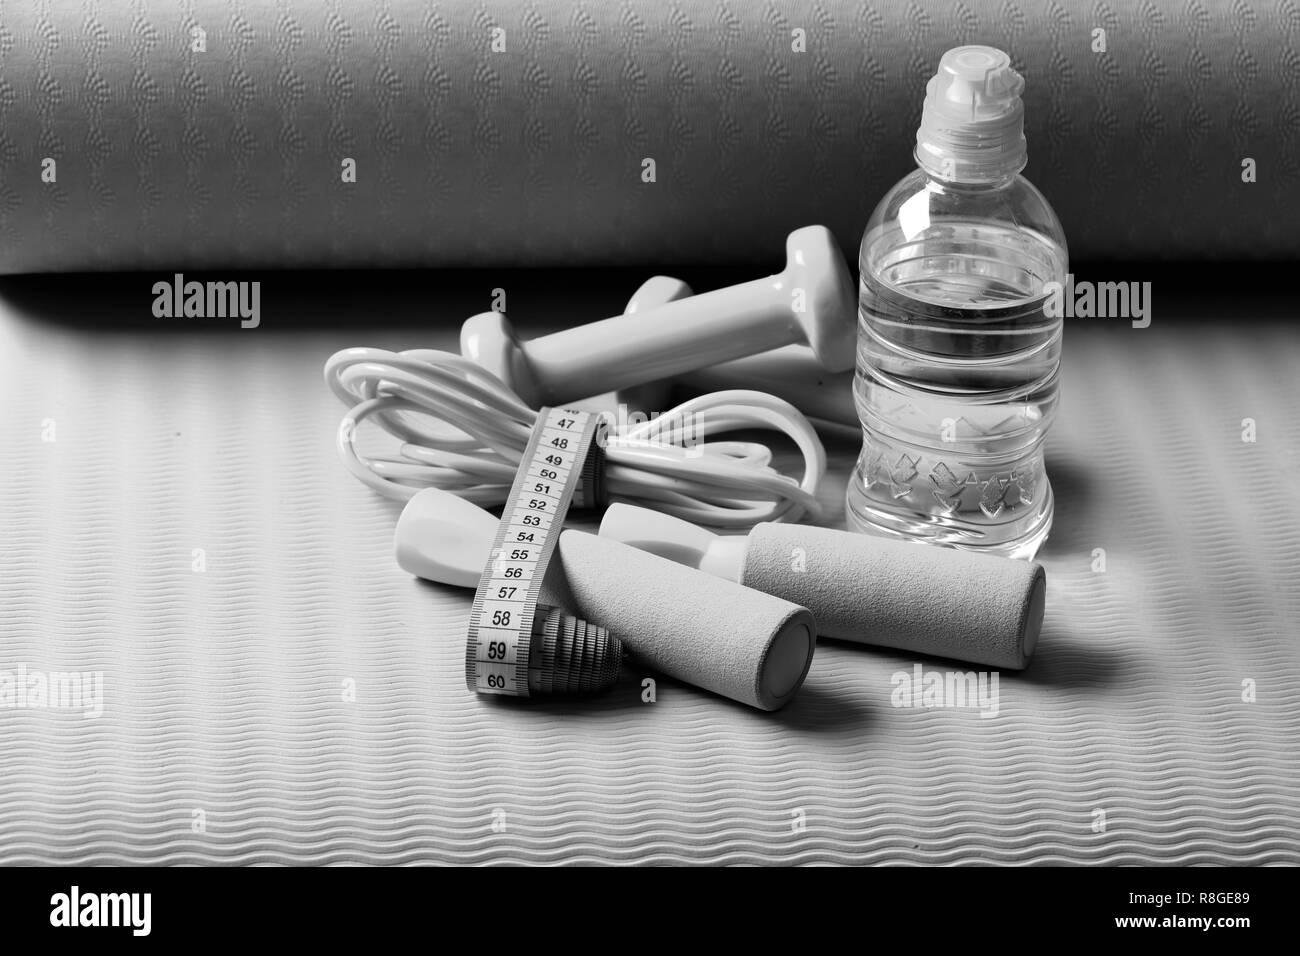 Springseil, Wasserflasche und cyan Kurzhanteln mit Maßband auf Grün und Lila Hintergrund gebunden. Mit Seil springen und Langhanteln auf Yoga Matte Band. Sport und Gesundheit. Fitness- und Erfrischung Konzept Stockbild